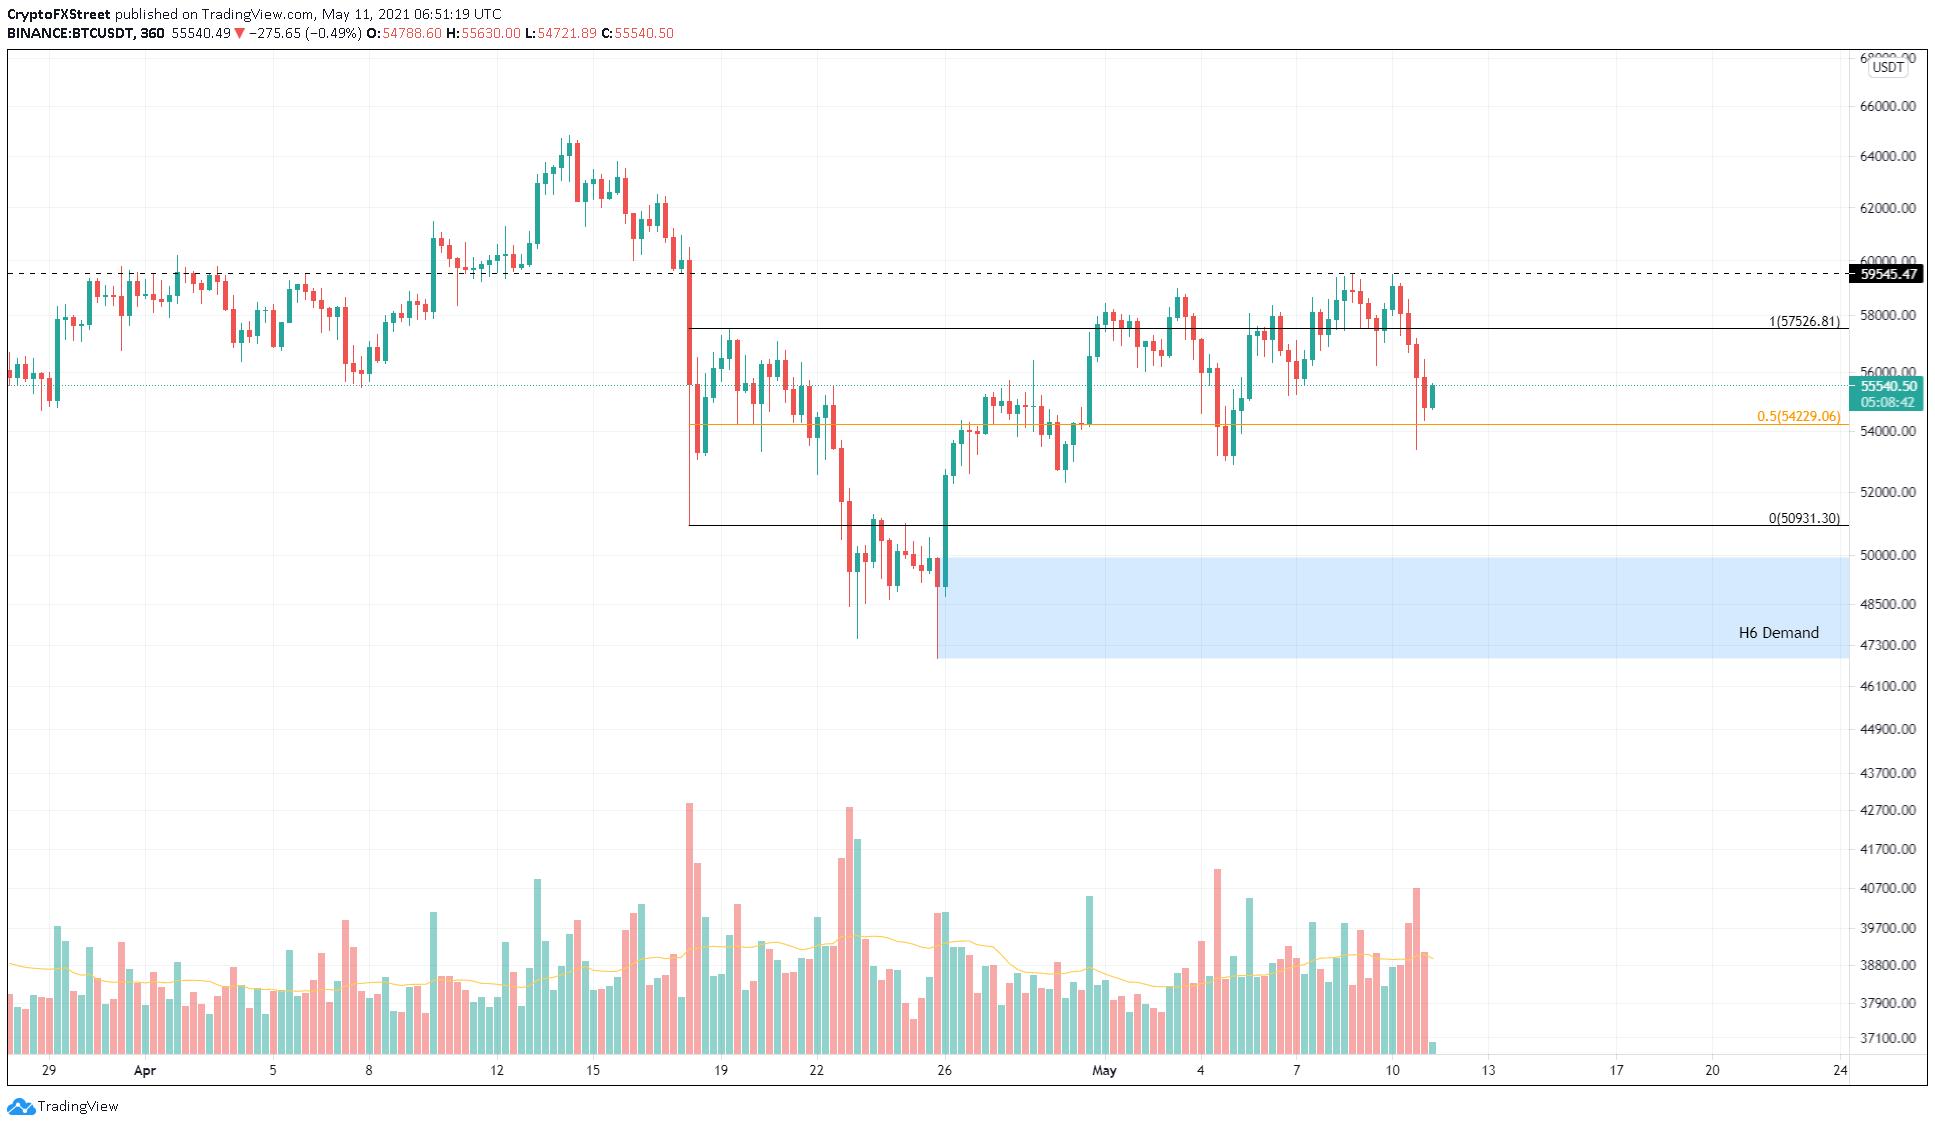 BTC/USDT 6-hour chart